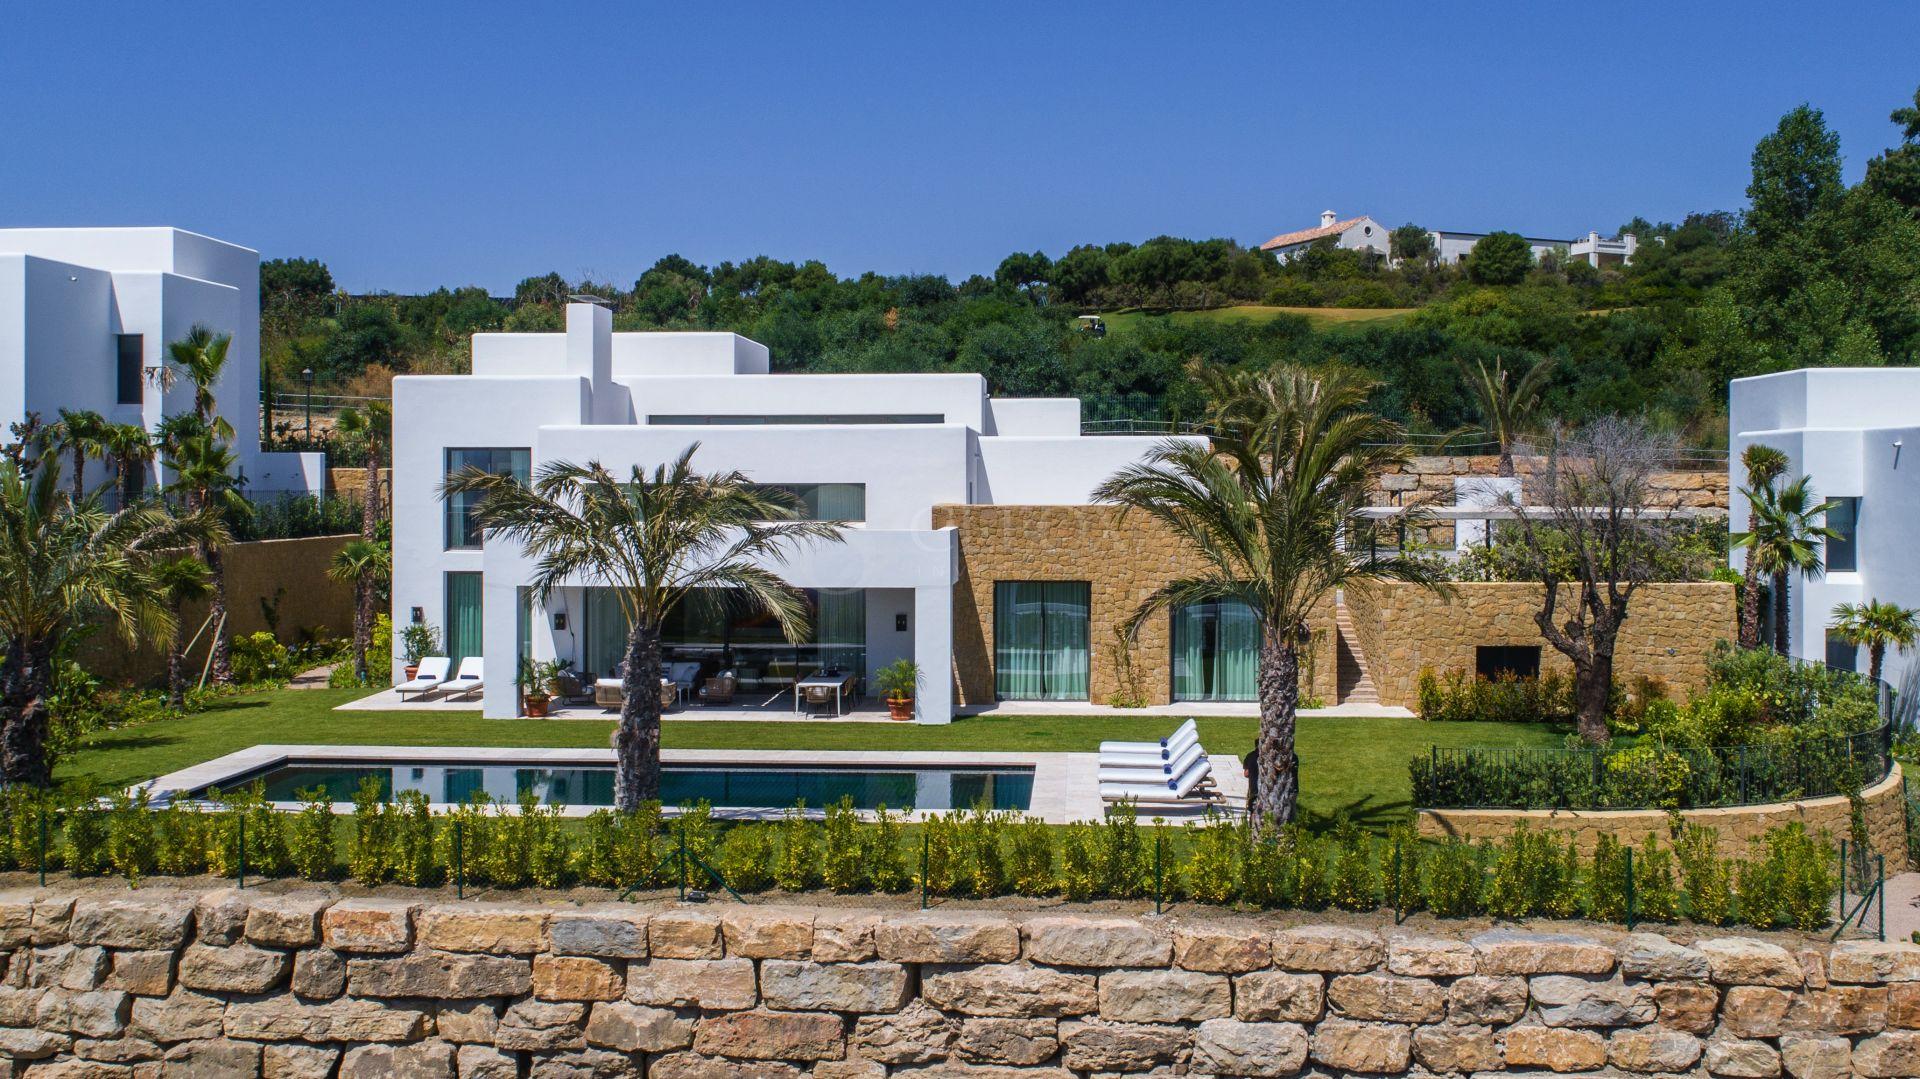 Villa for sale in Finca Cortesin, Casares